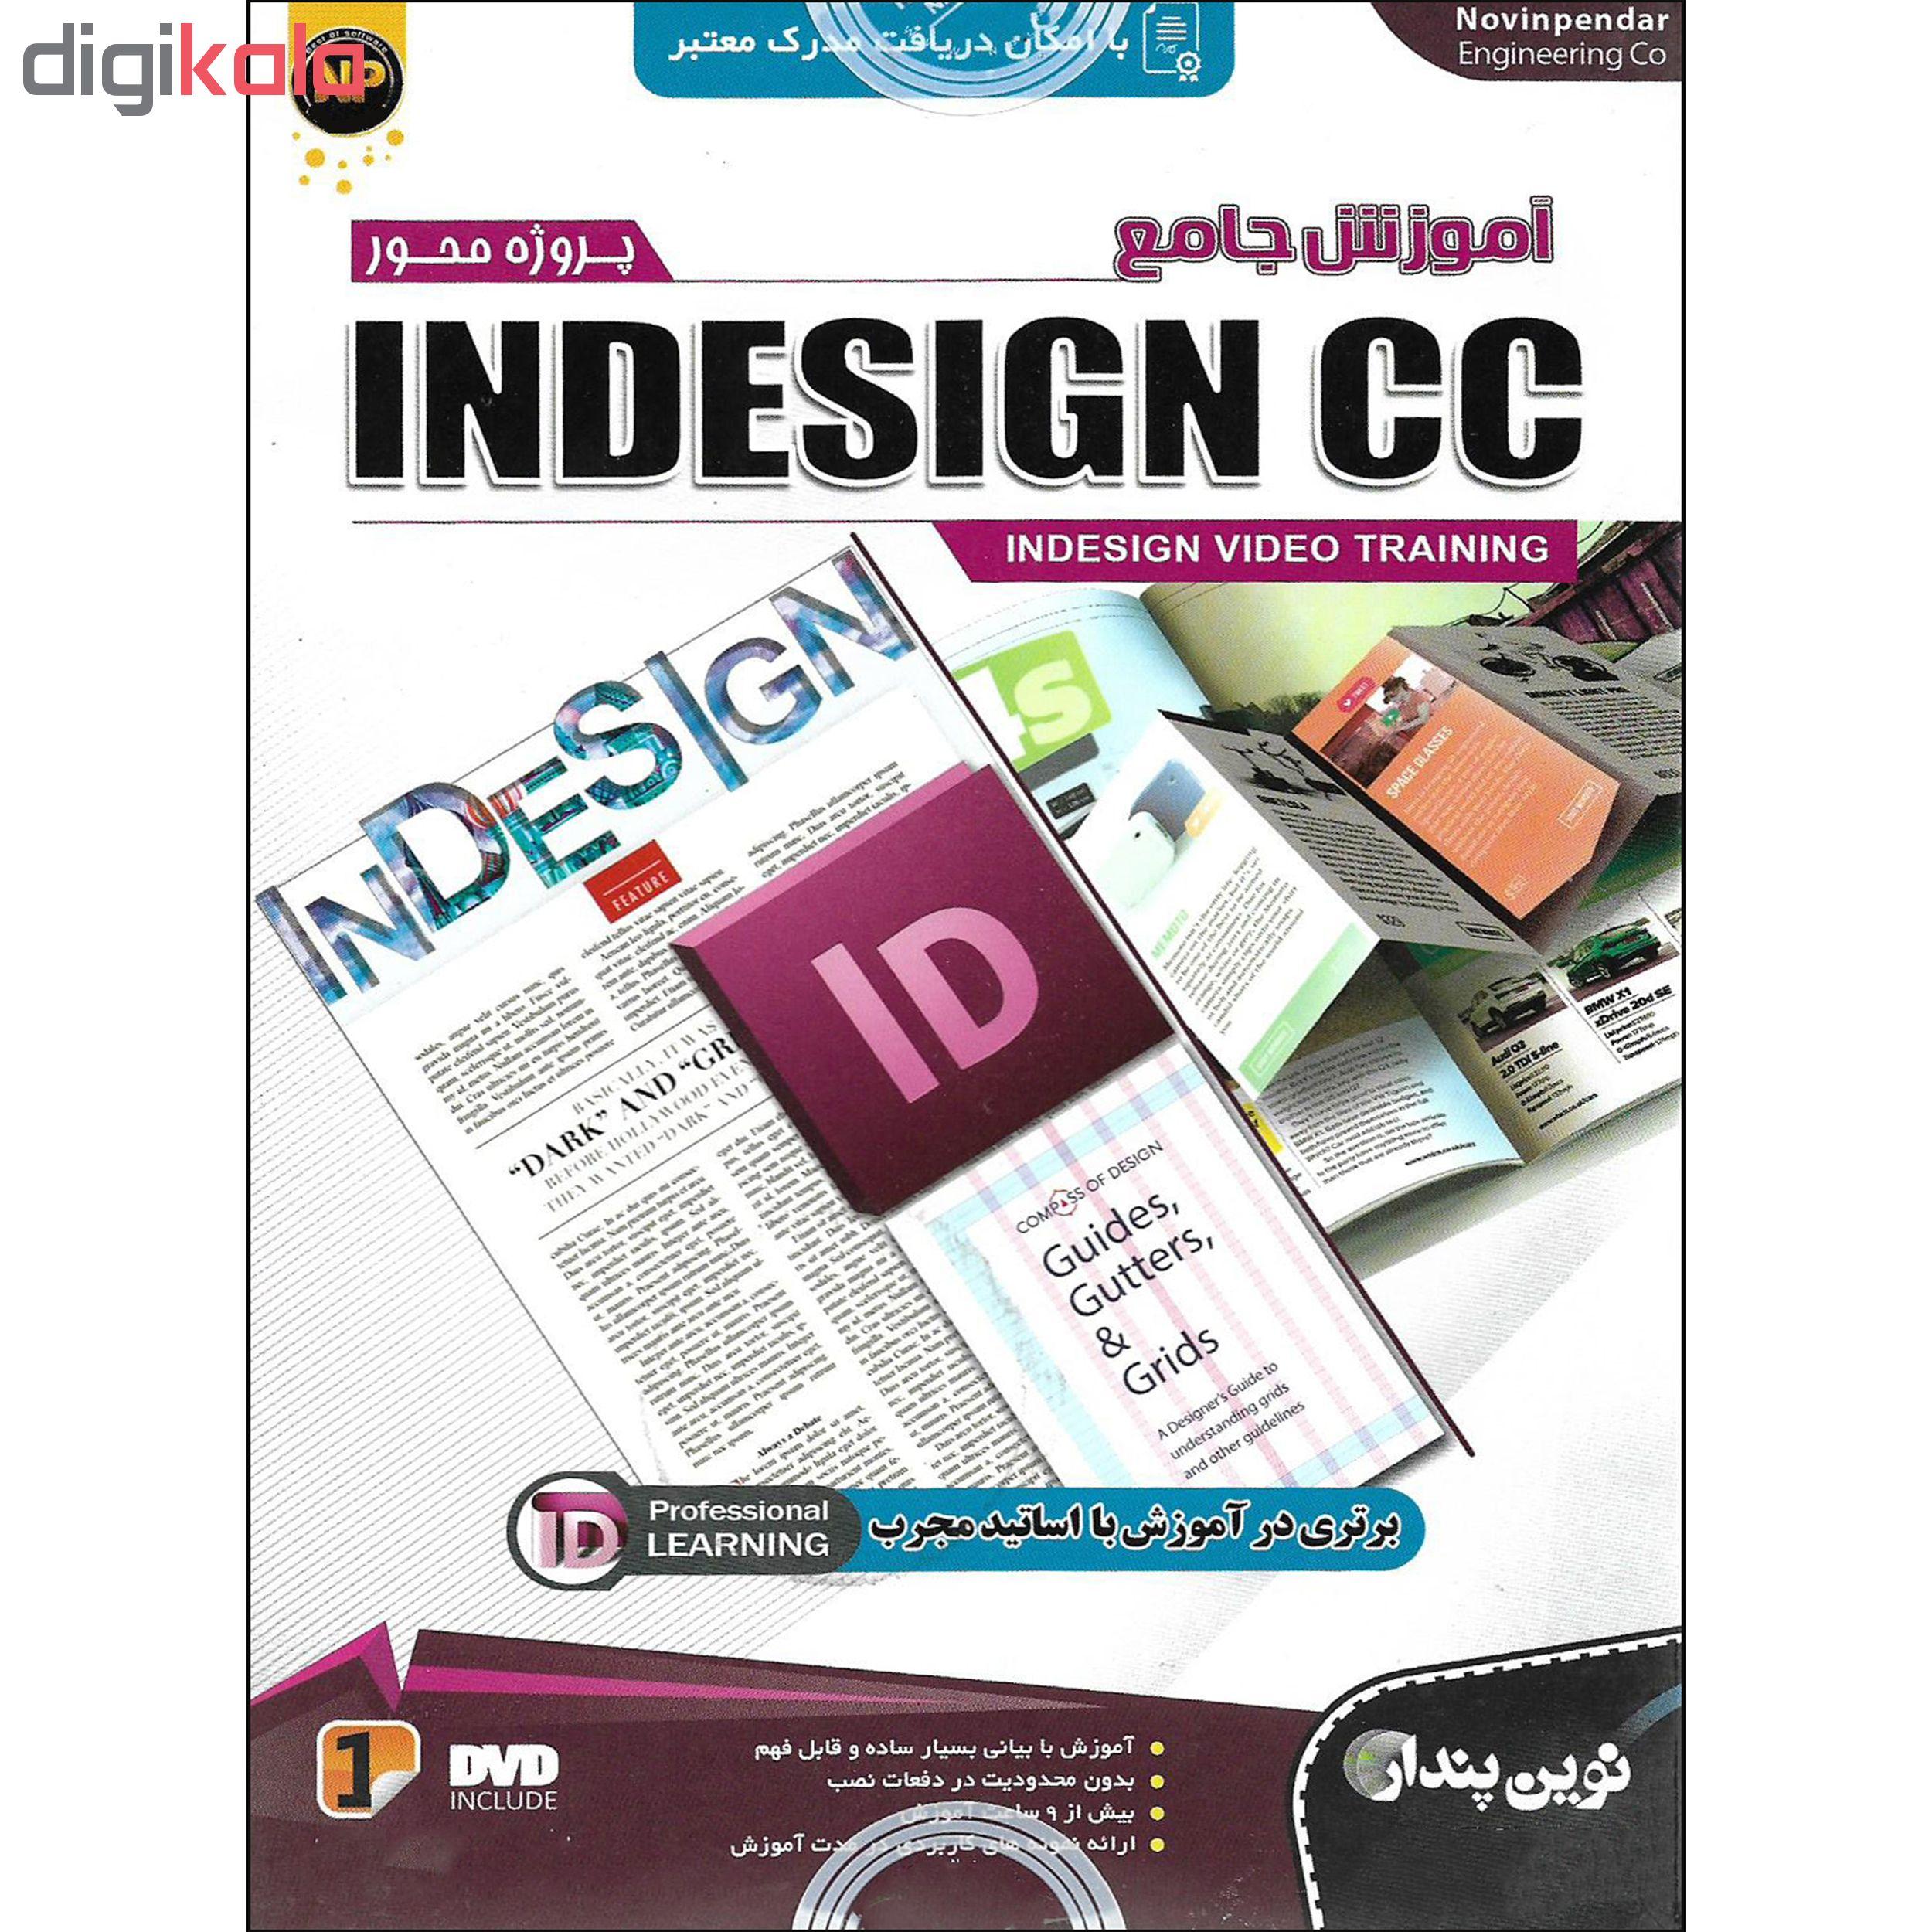 نرم افزار آموزش پروژه محور INDESIGN CC نشر نوین پندار به همراه نرم افزار آموزش CORELDRAW نشر پدیده